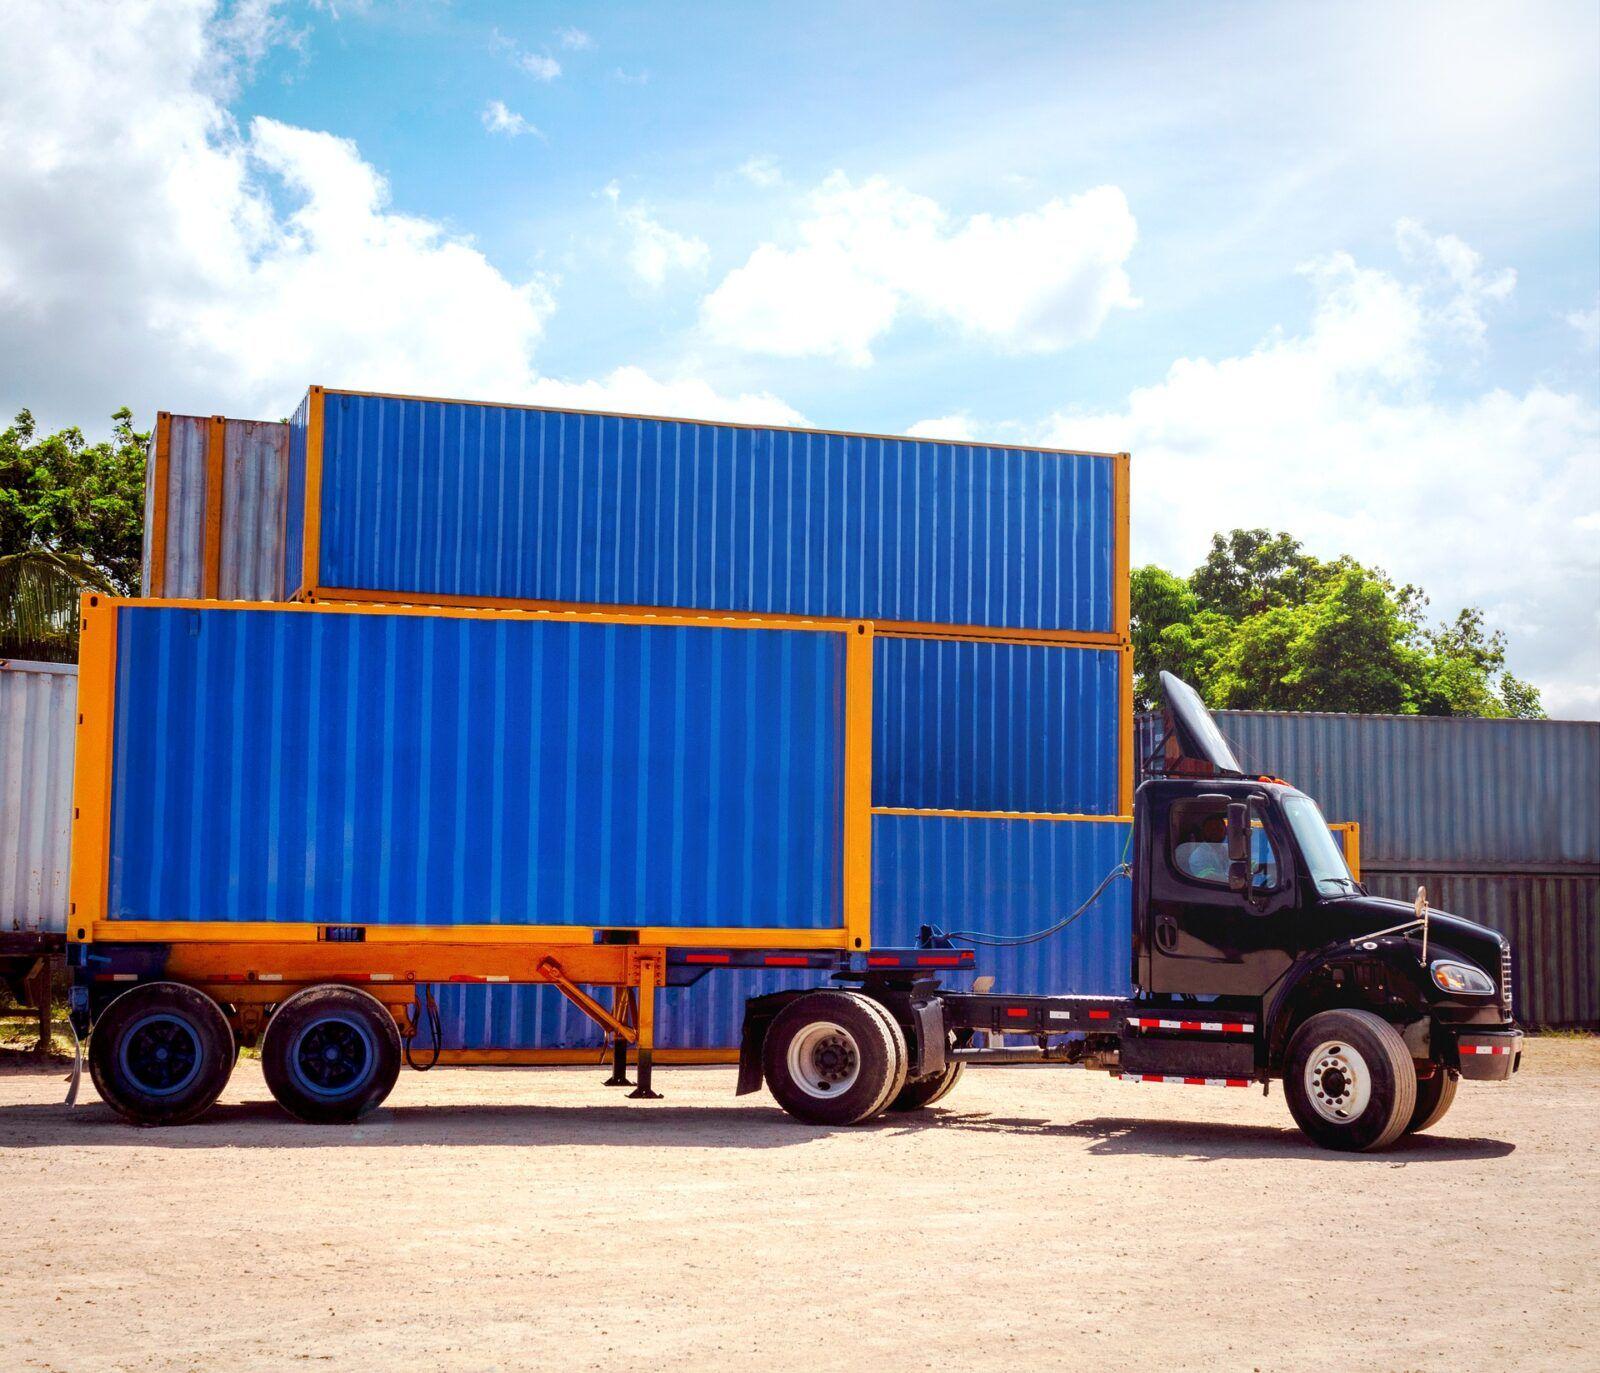 Import towarów w rozumieniu ustawy o podatku od towarów i usług